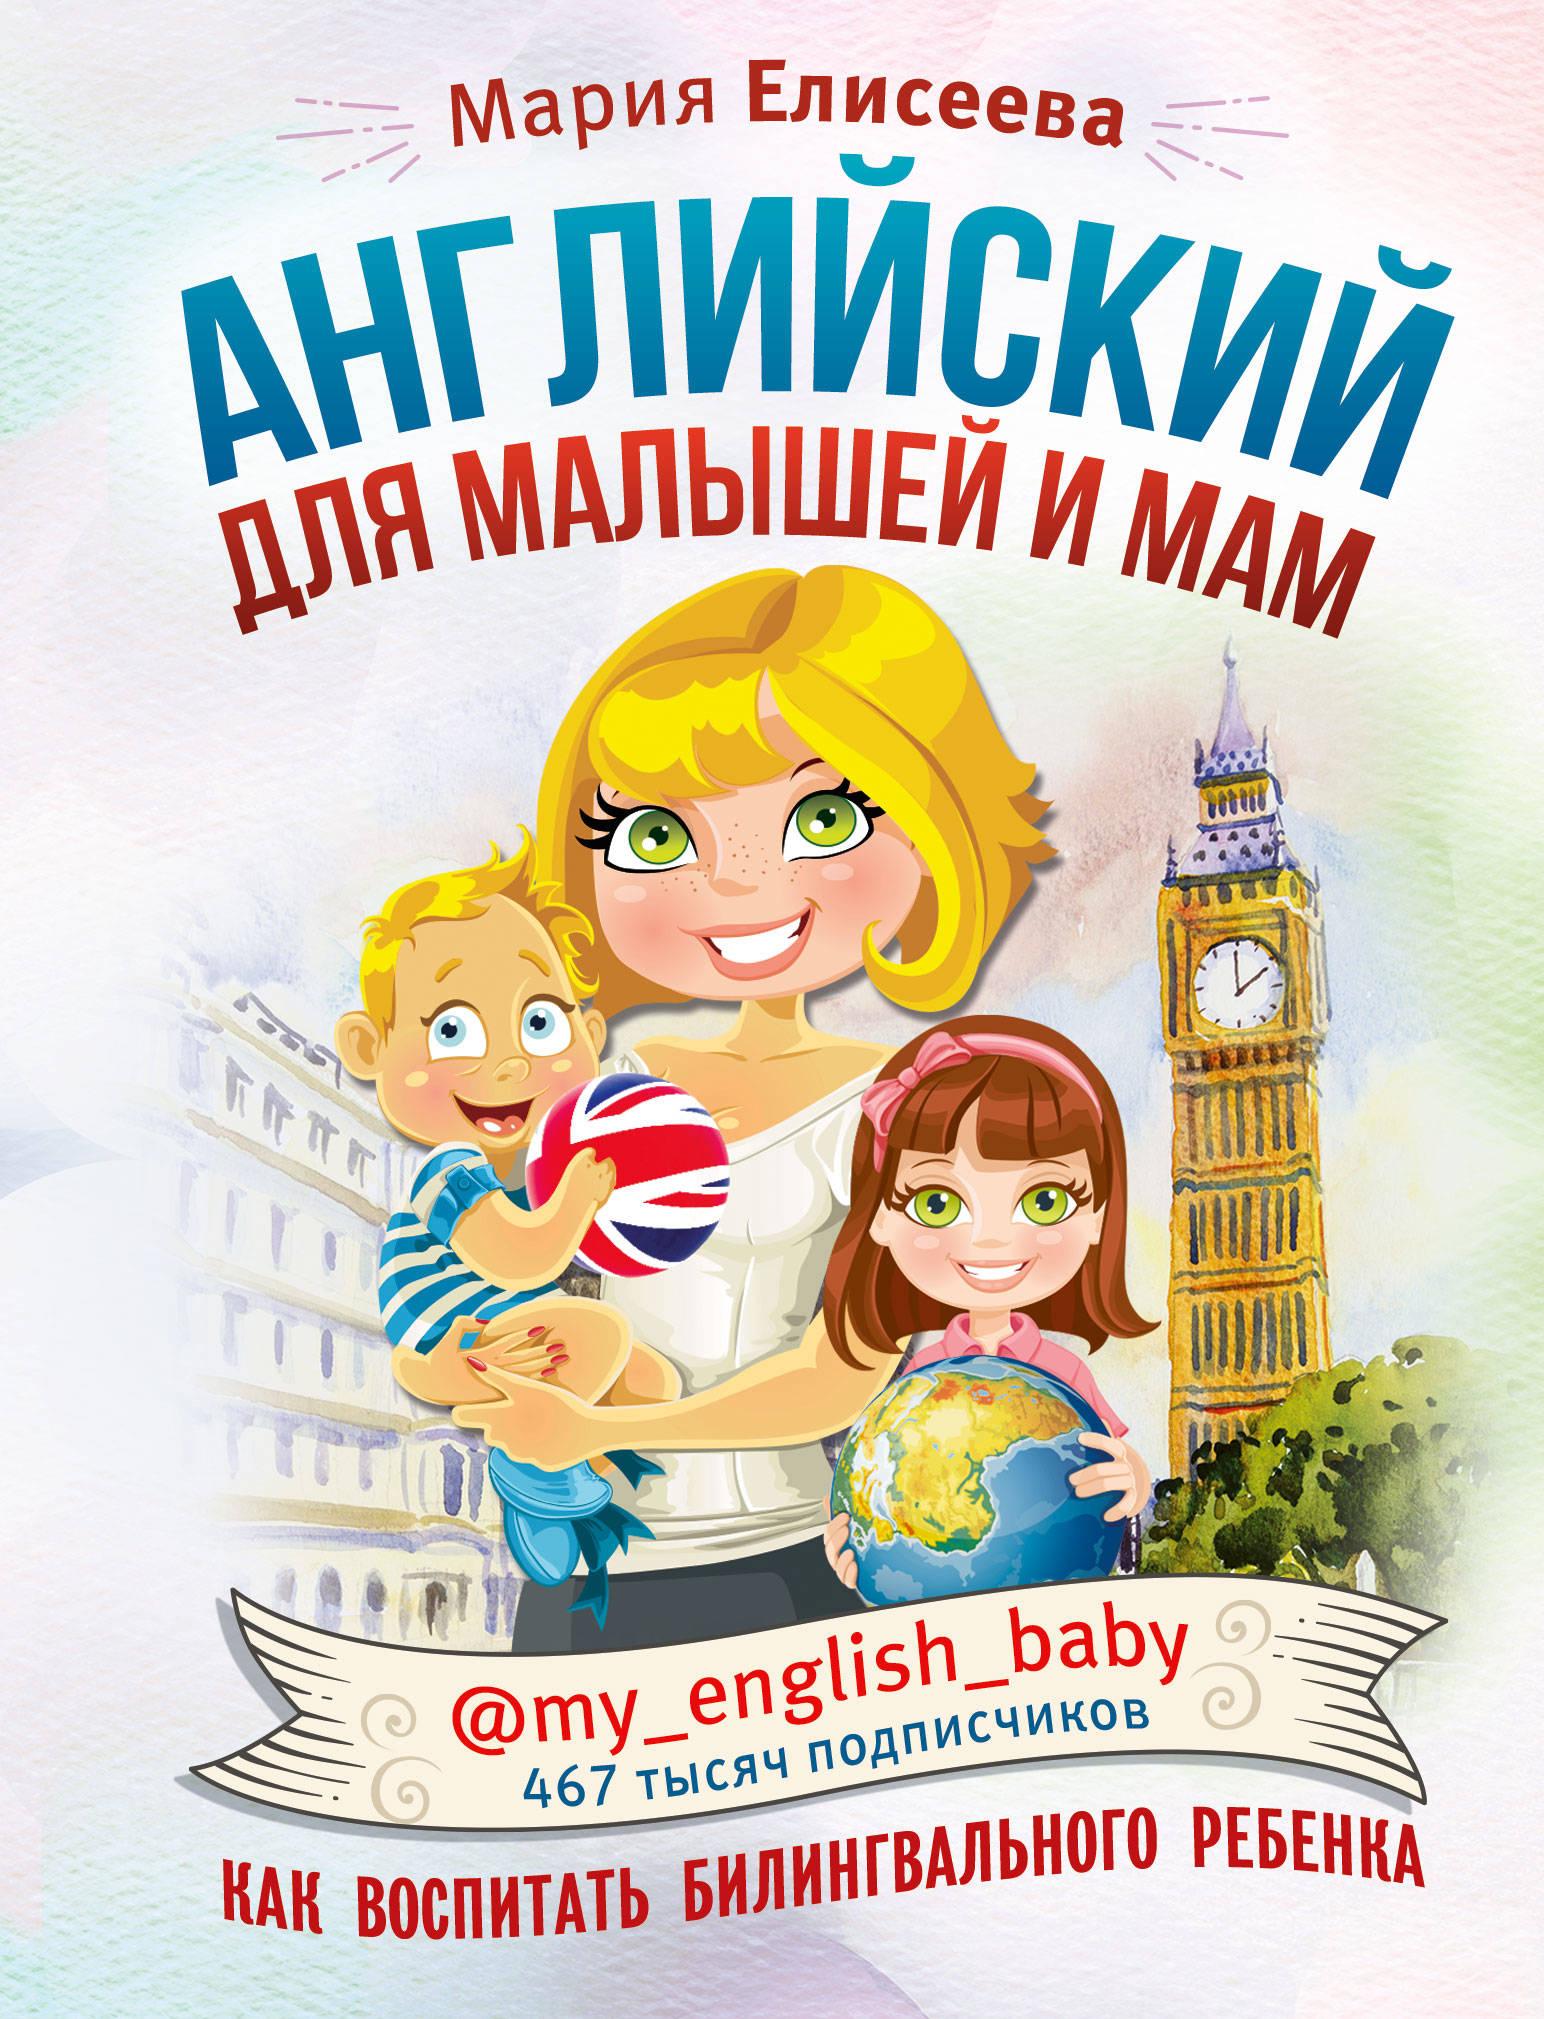 Елисеева Мария Евгеньевна Английский для малышей и мам @my_english_baby. Как воспитать билингвального ребенка